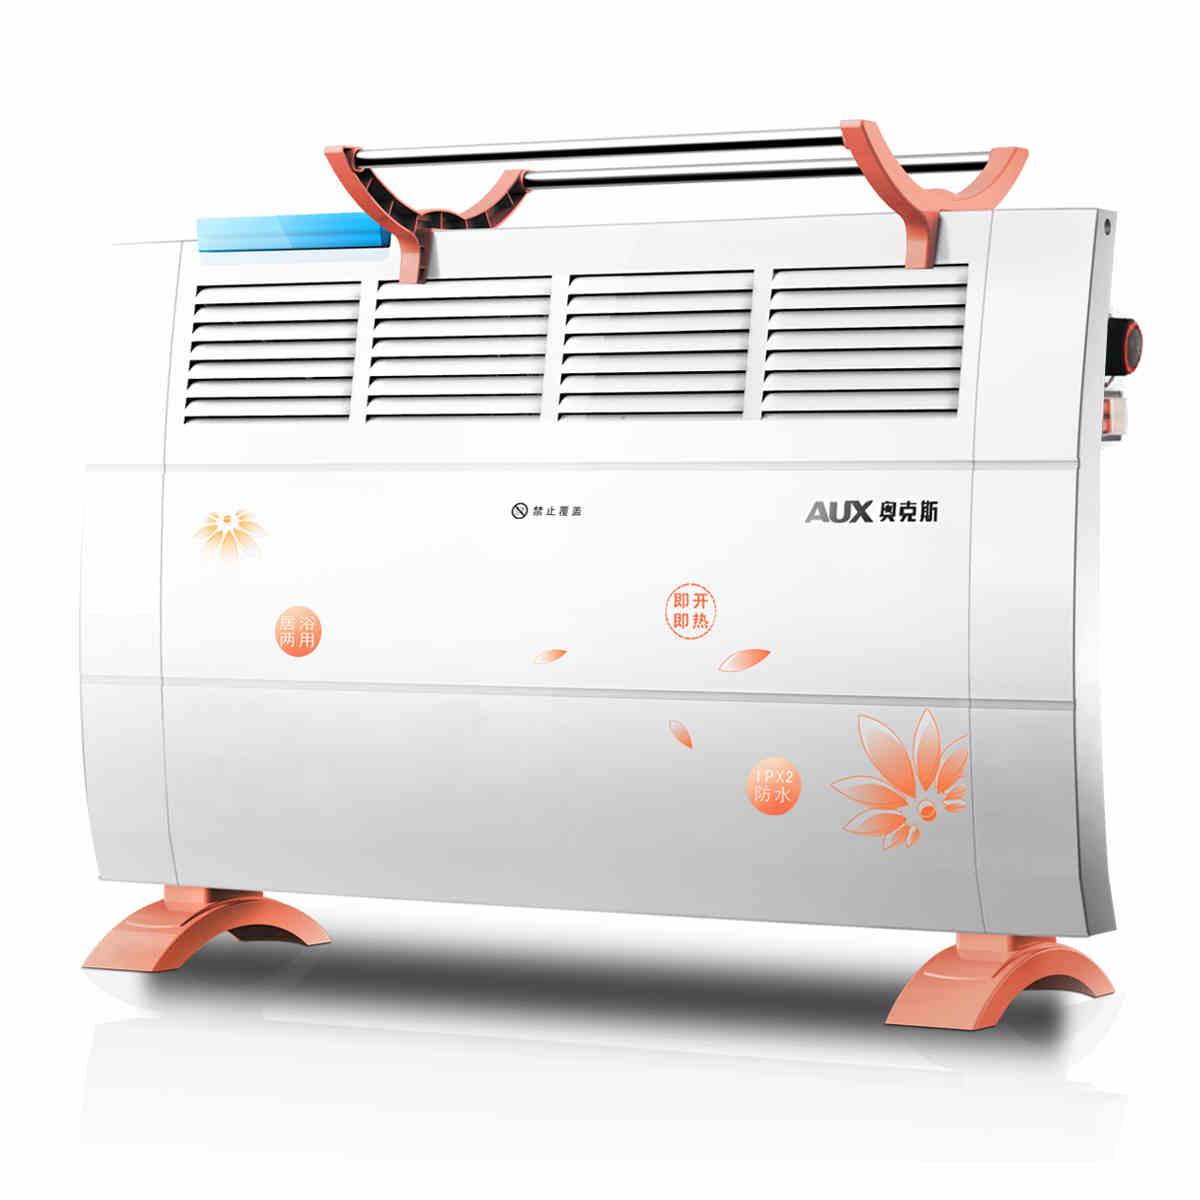 badezimmer heizung infrarot inspiration design raum und m bel f r ihre wohnkultur. Black Bedroom Furniture Sets. Home Design Ideas